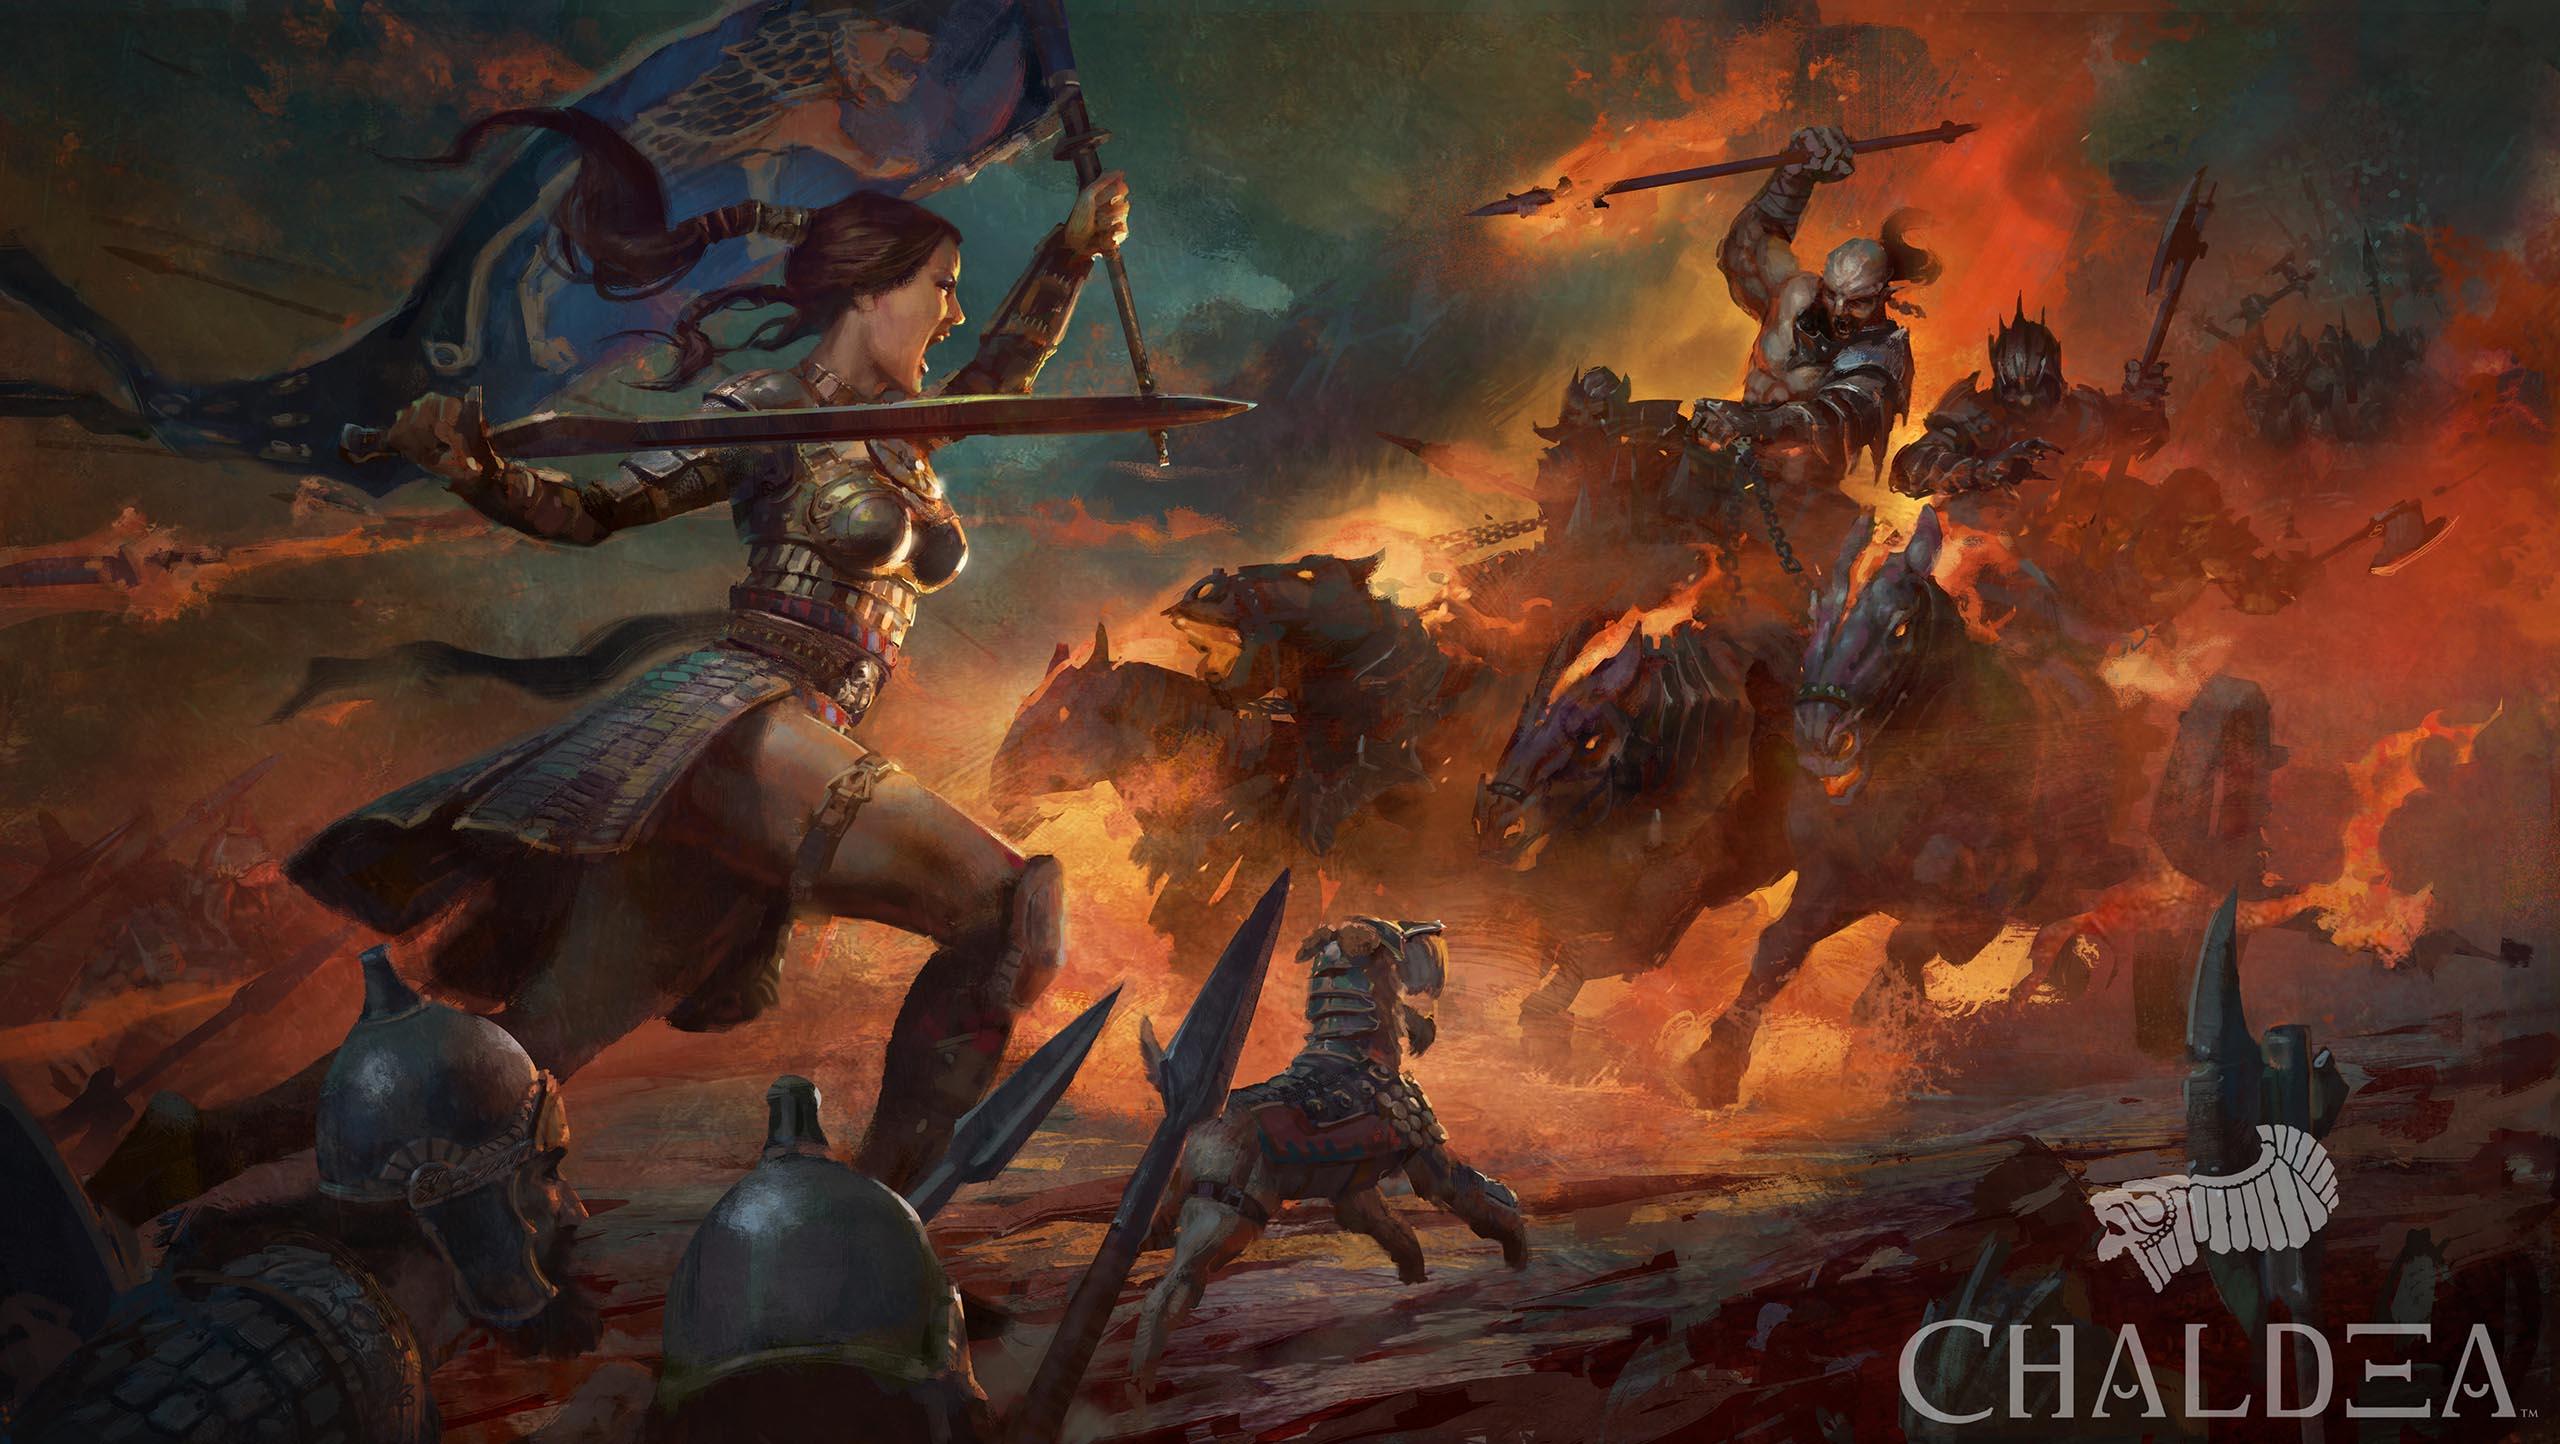 Gen Con Wrap Up 2015 – Peter Adkison's 'Chaldea'